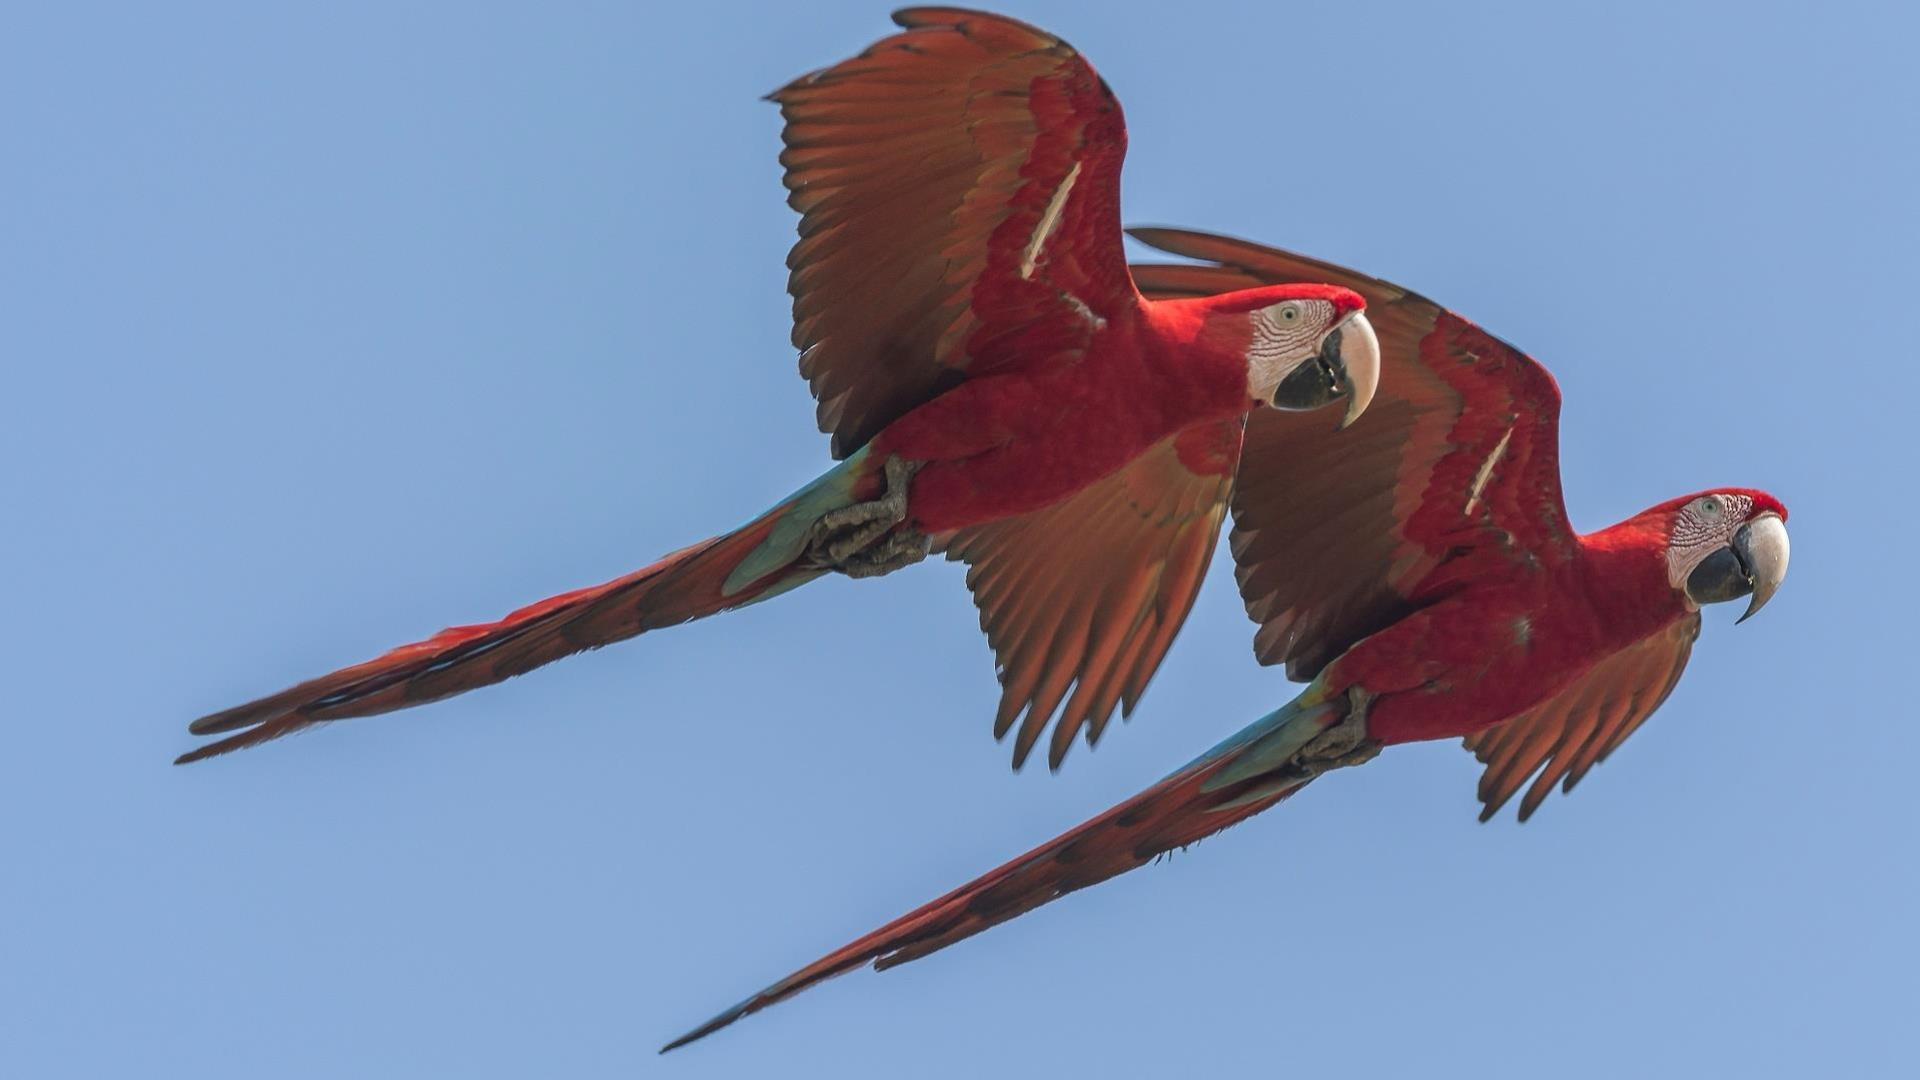 Brasilien Nord Pantanal: 6 Tage Reisebaustein - Naturparadies Pantanal: Zwei fliegende Aras